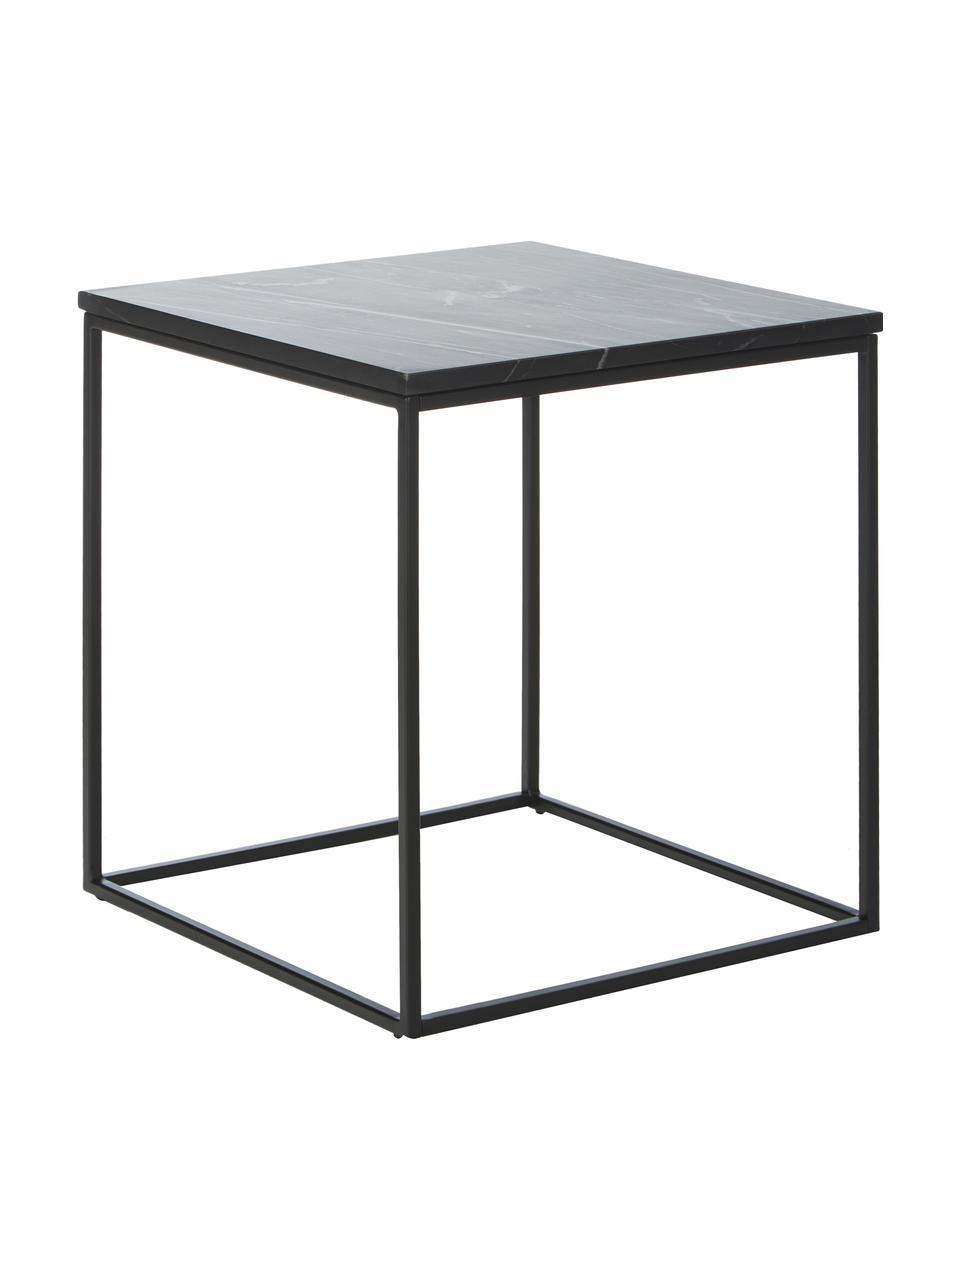 Tavolino con piano in marmo Alys, Struttura: metallo verniciato a polv, Piano: marmo nero Struttura: nero opaco, Larg. 45 x Alt. 50 cm